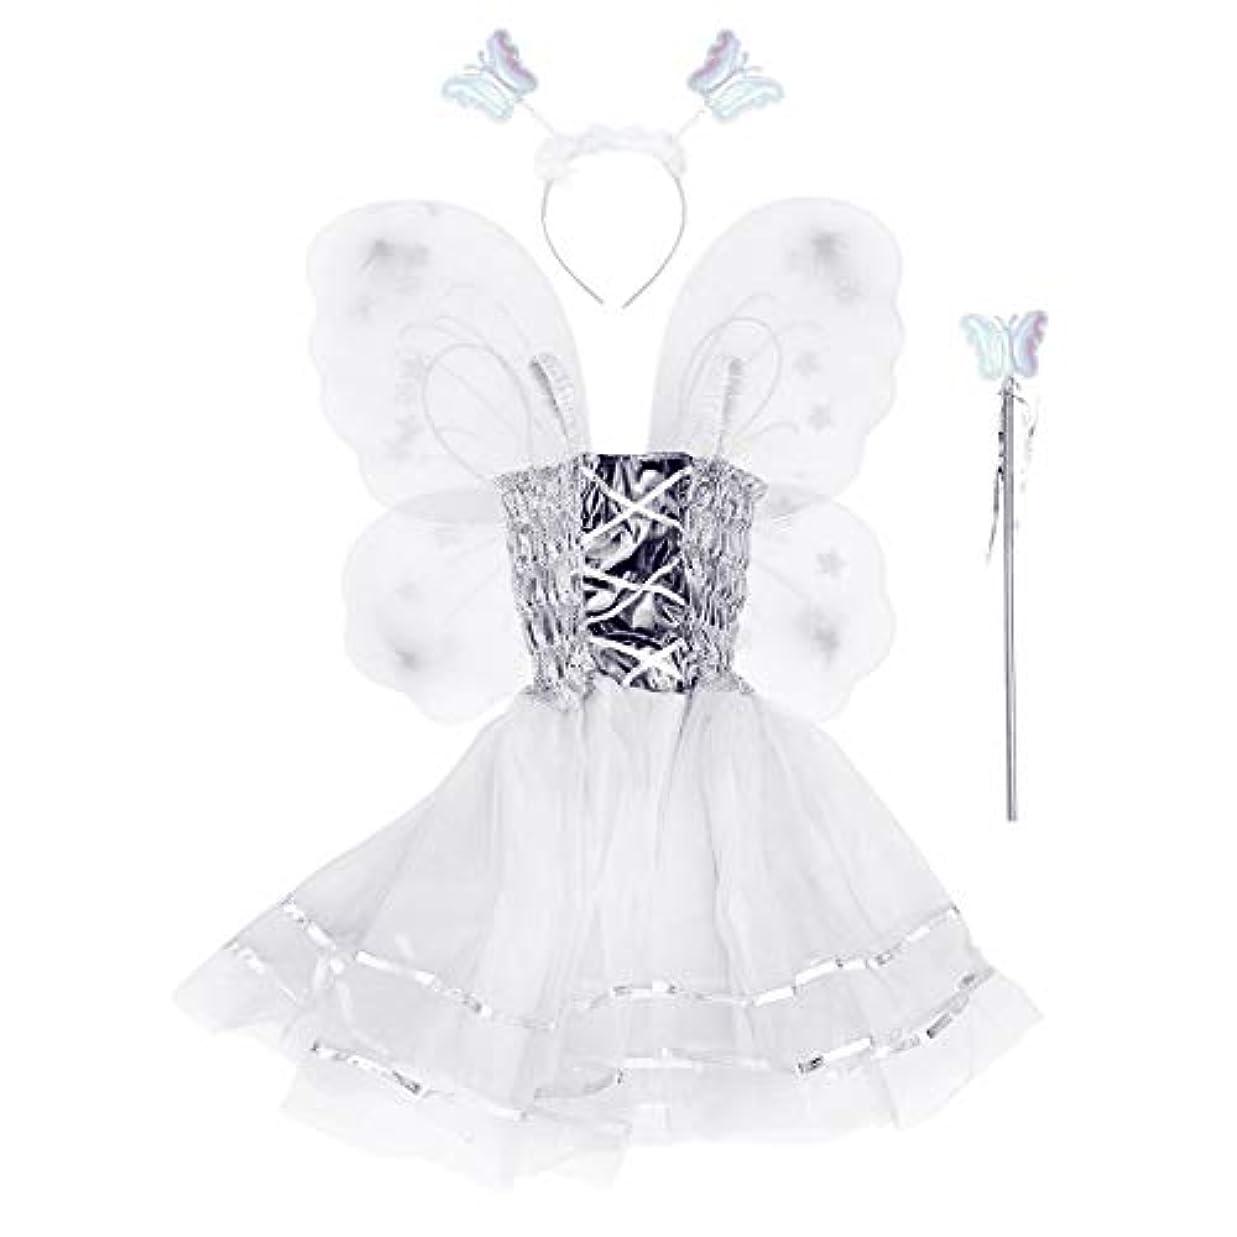 骨小包シェアBESTOYARD 4本の女の子バタフライプリンセス妖精のコスチュームセット蝶の羽、ワンド、ヘッドバンドとツツードレス(ホワイト)